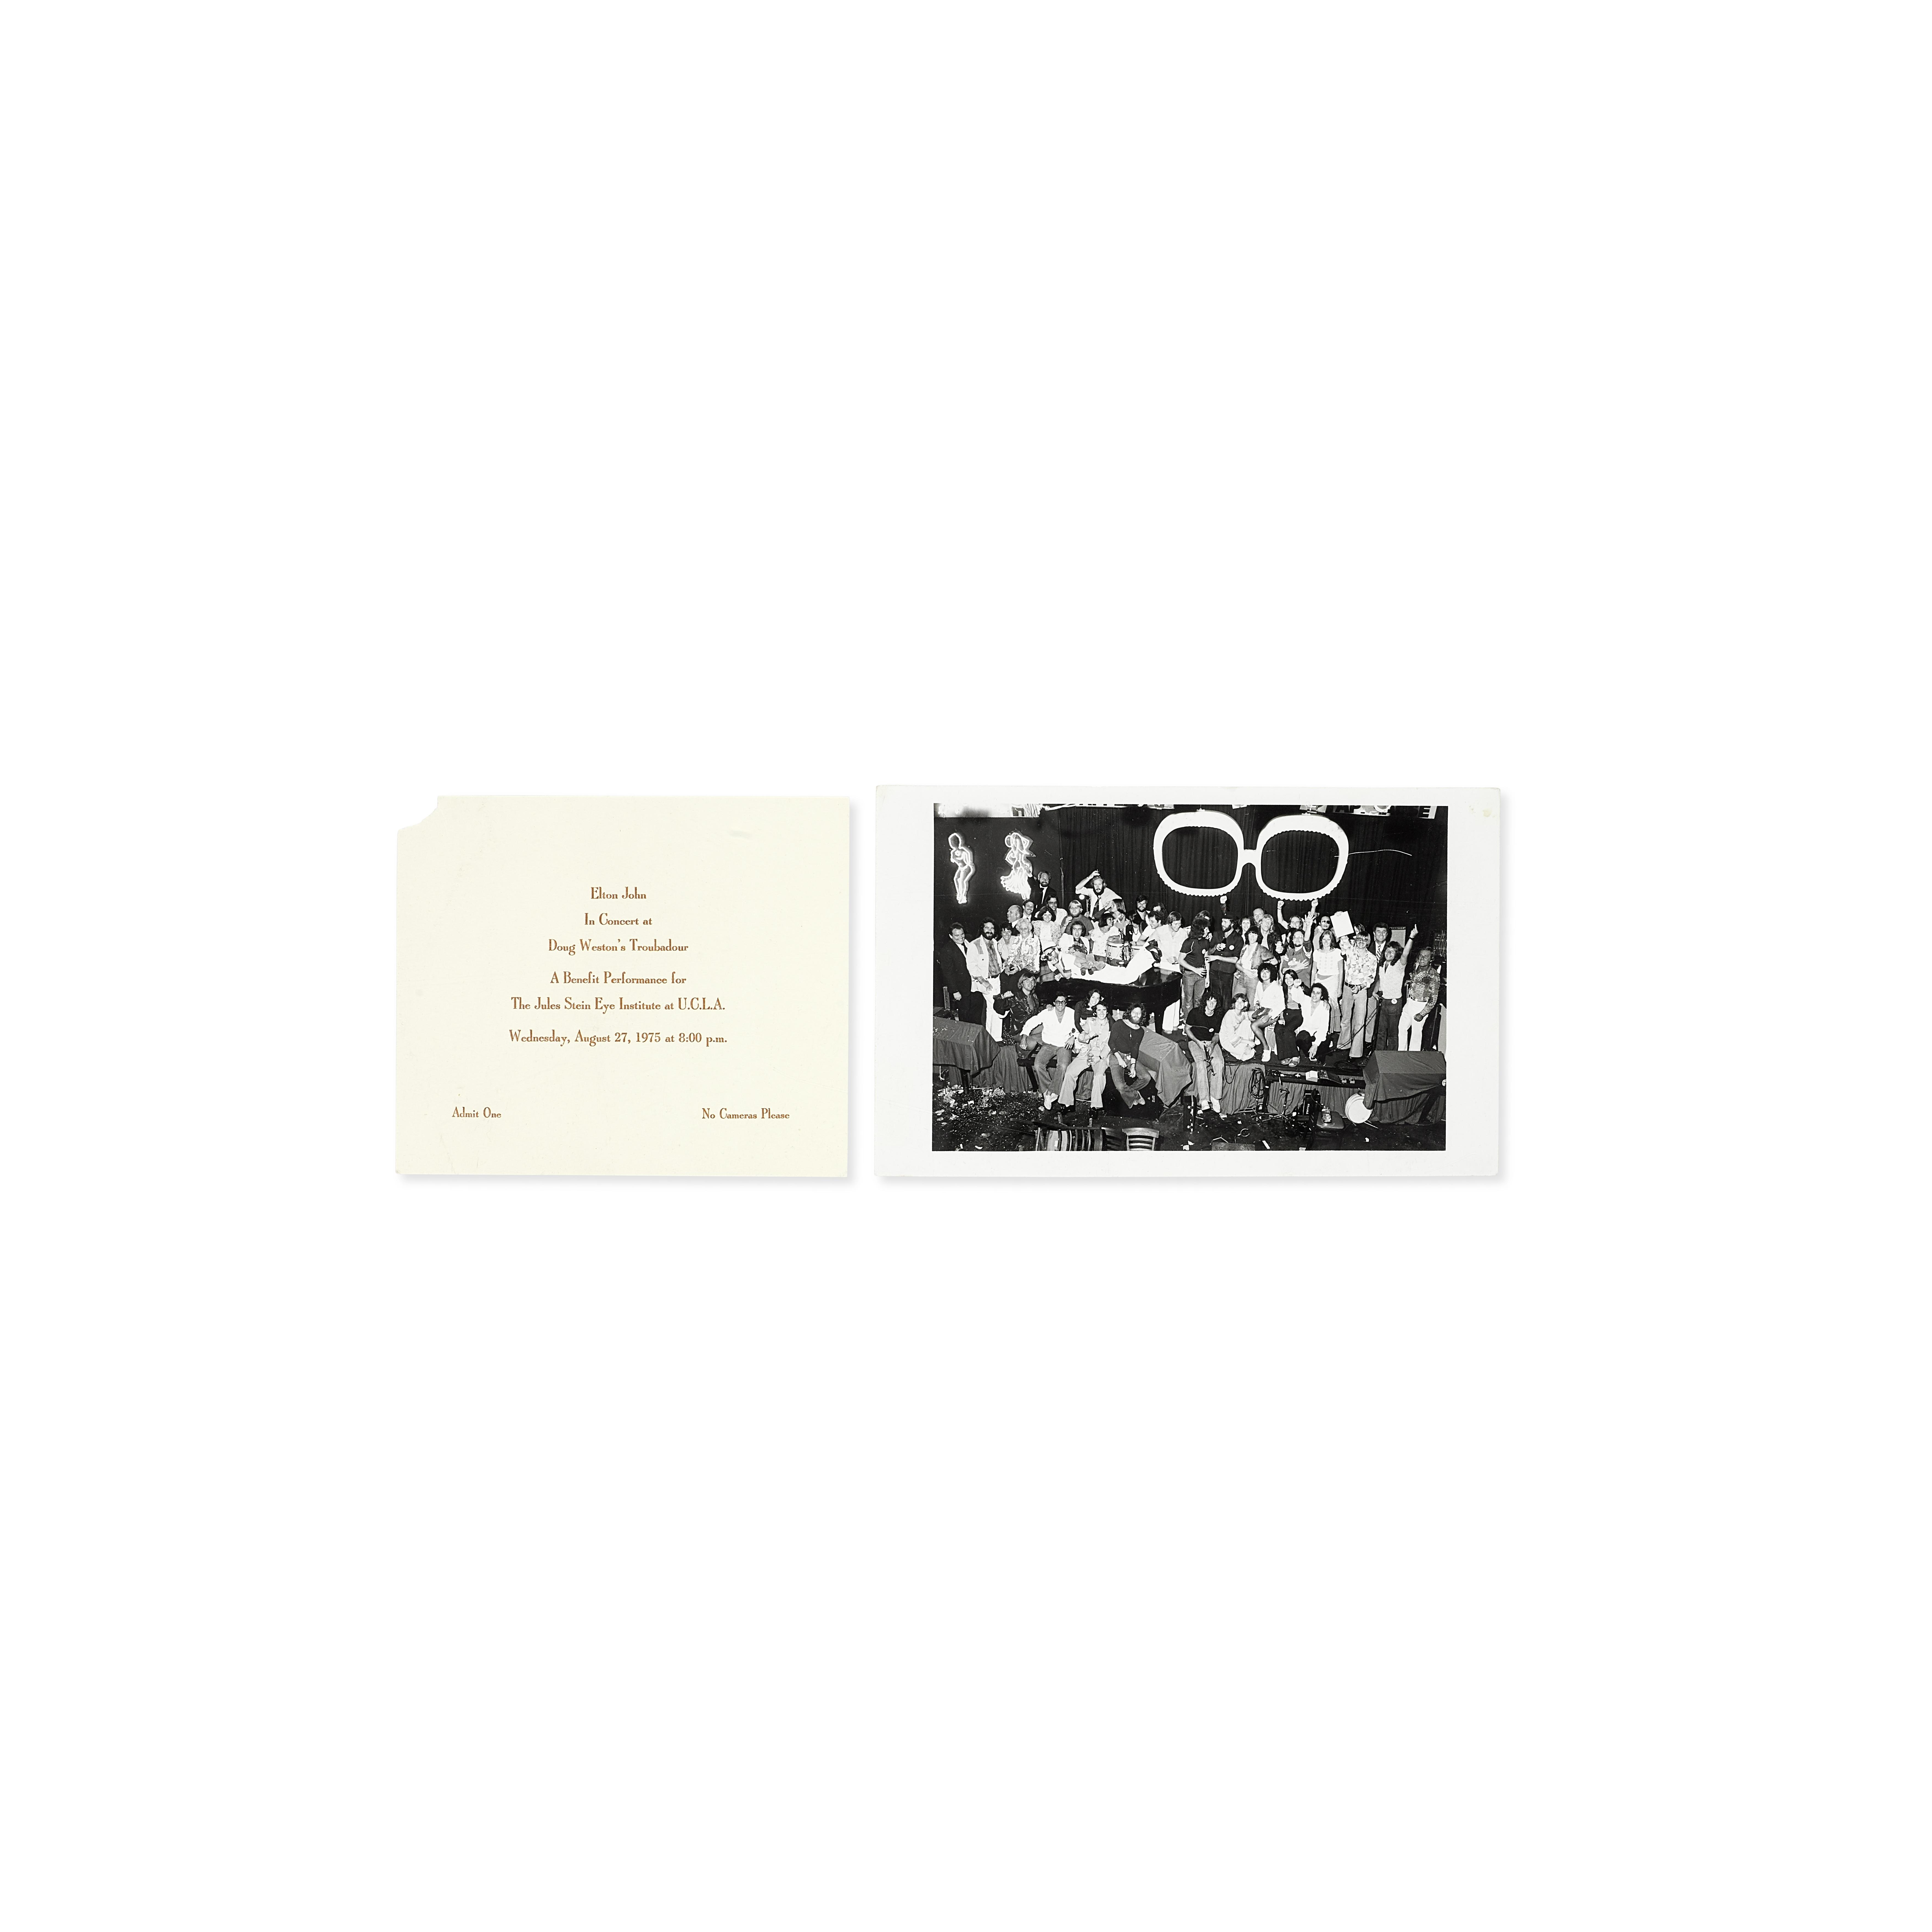 Lot 55 - A Group Of Elton John 'Five Years of Fun' Concert Ephemera